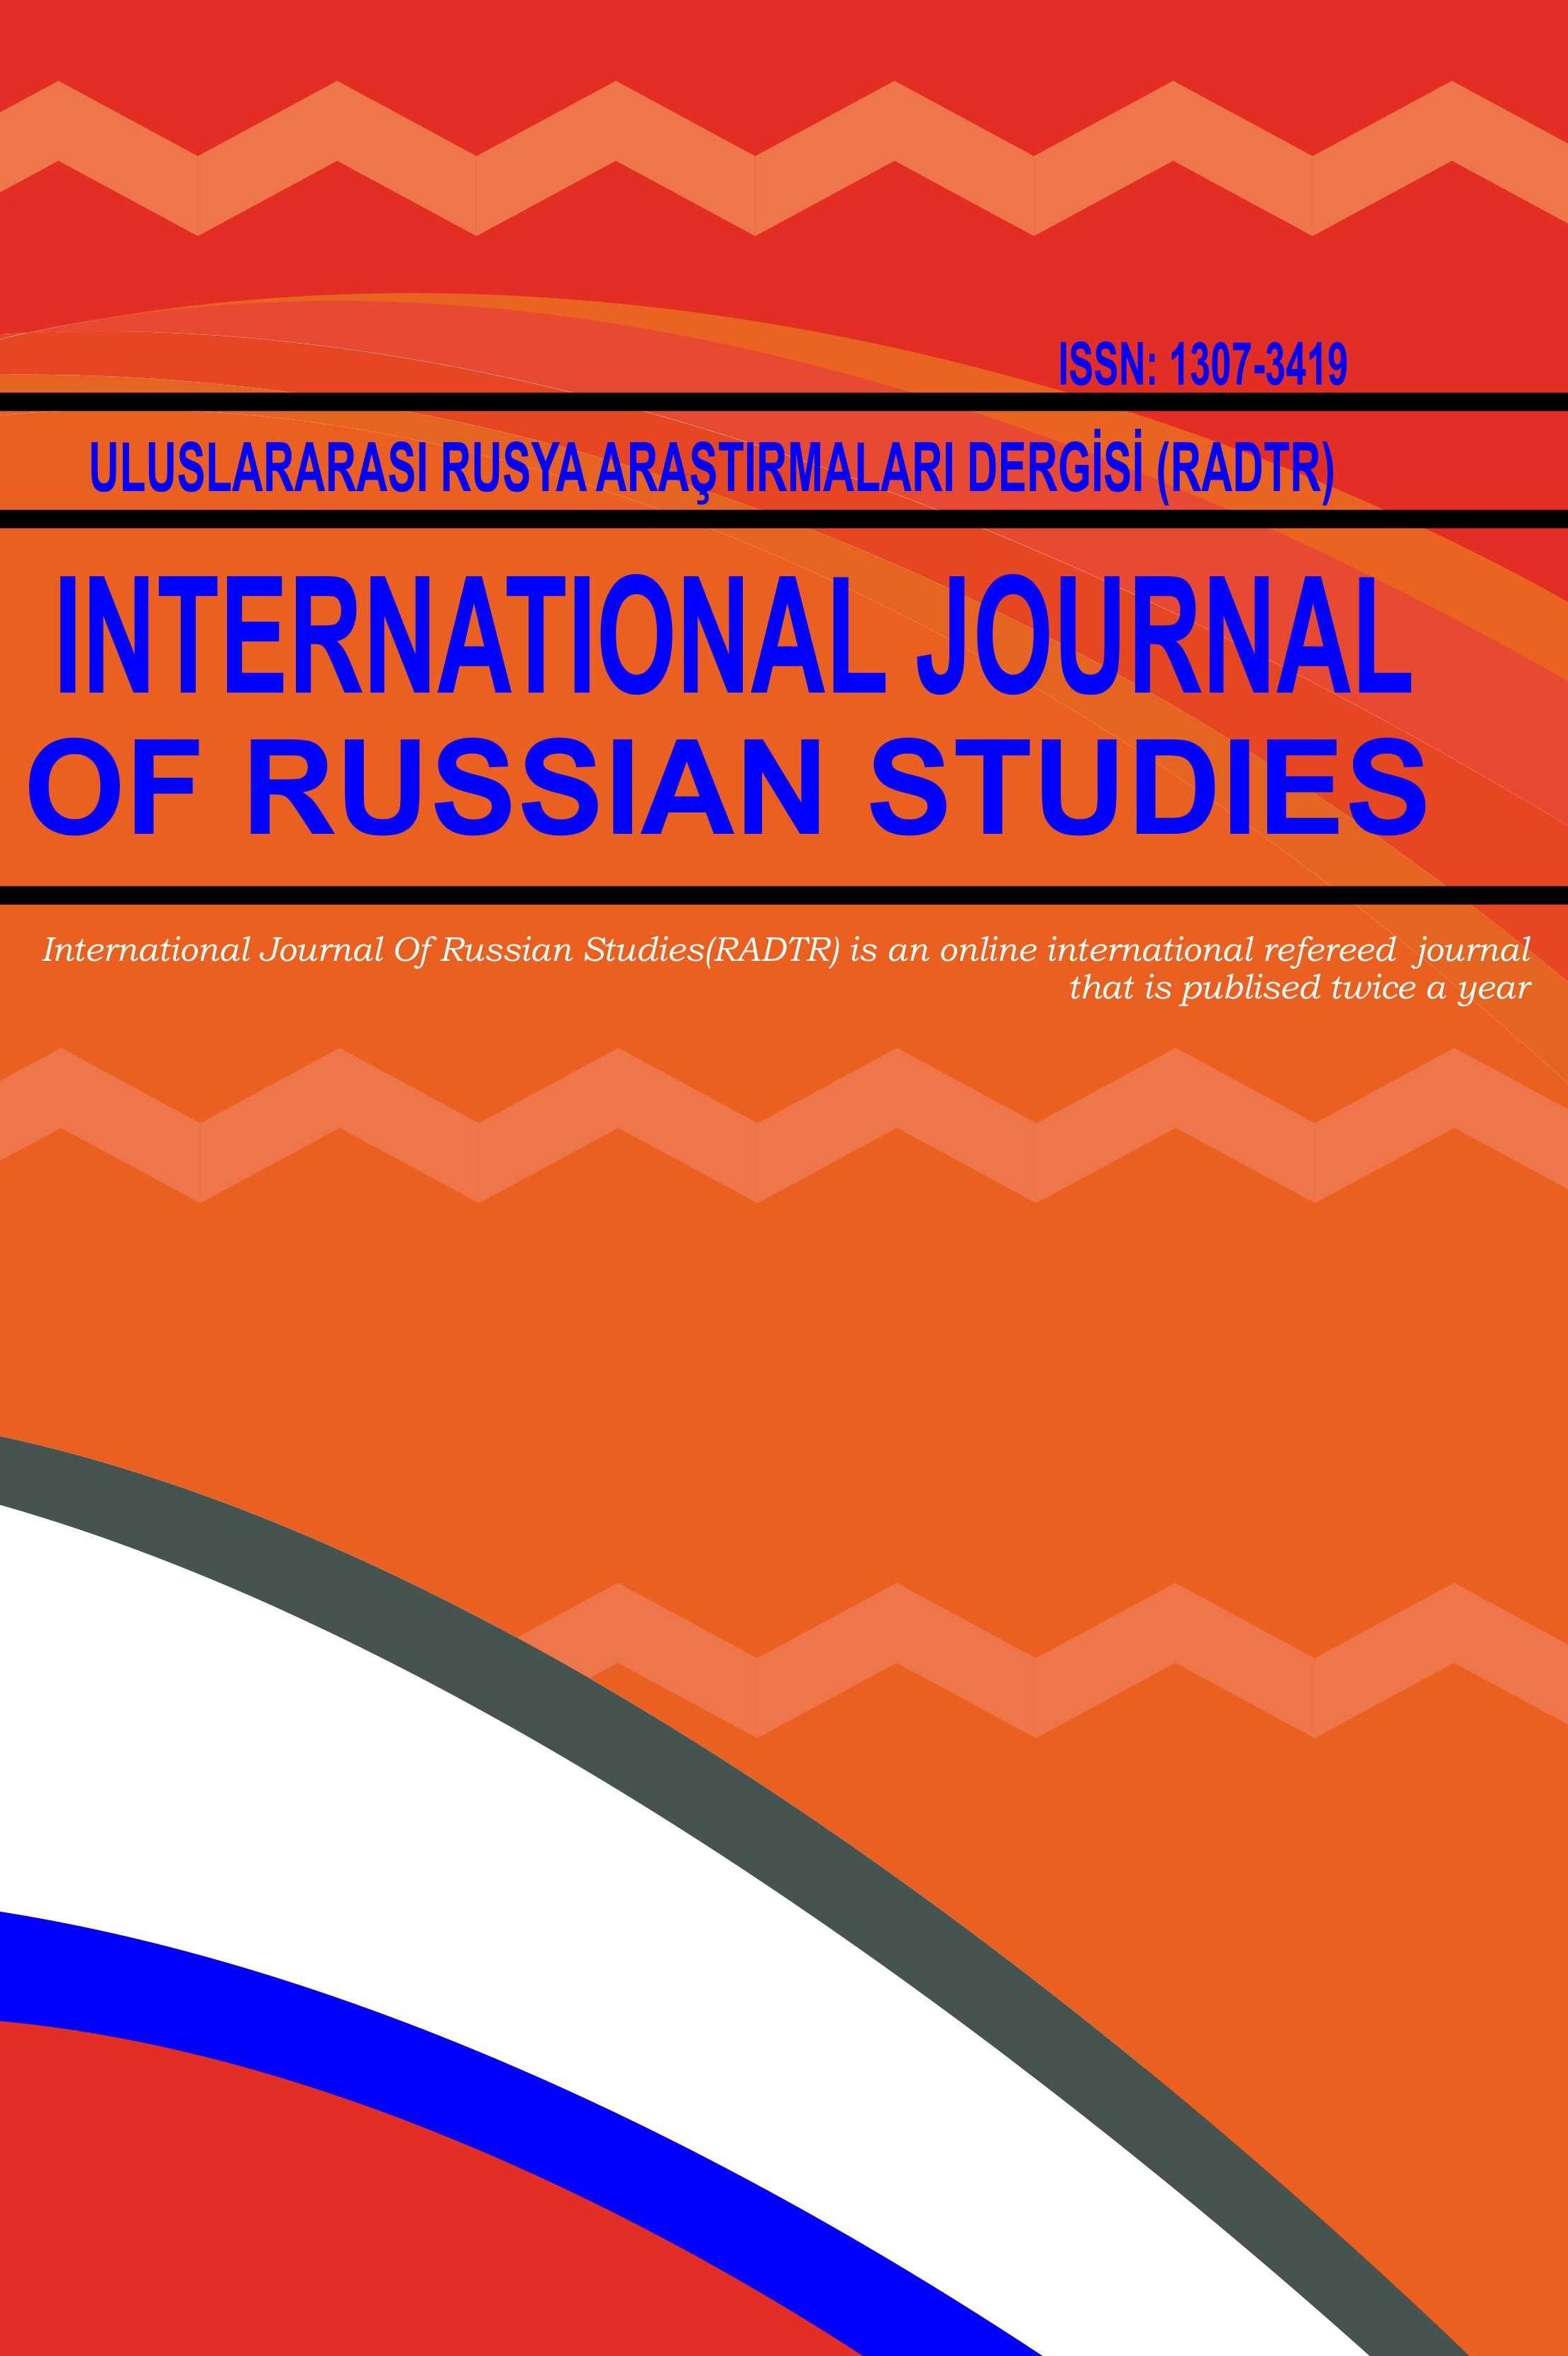 Uluslararası Rusya Araştırmaları Dergisi